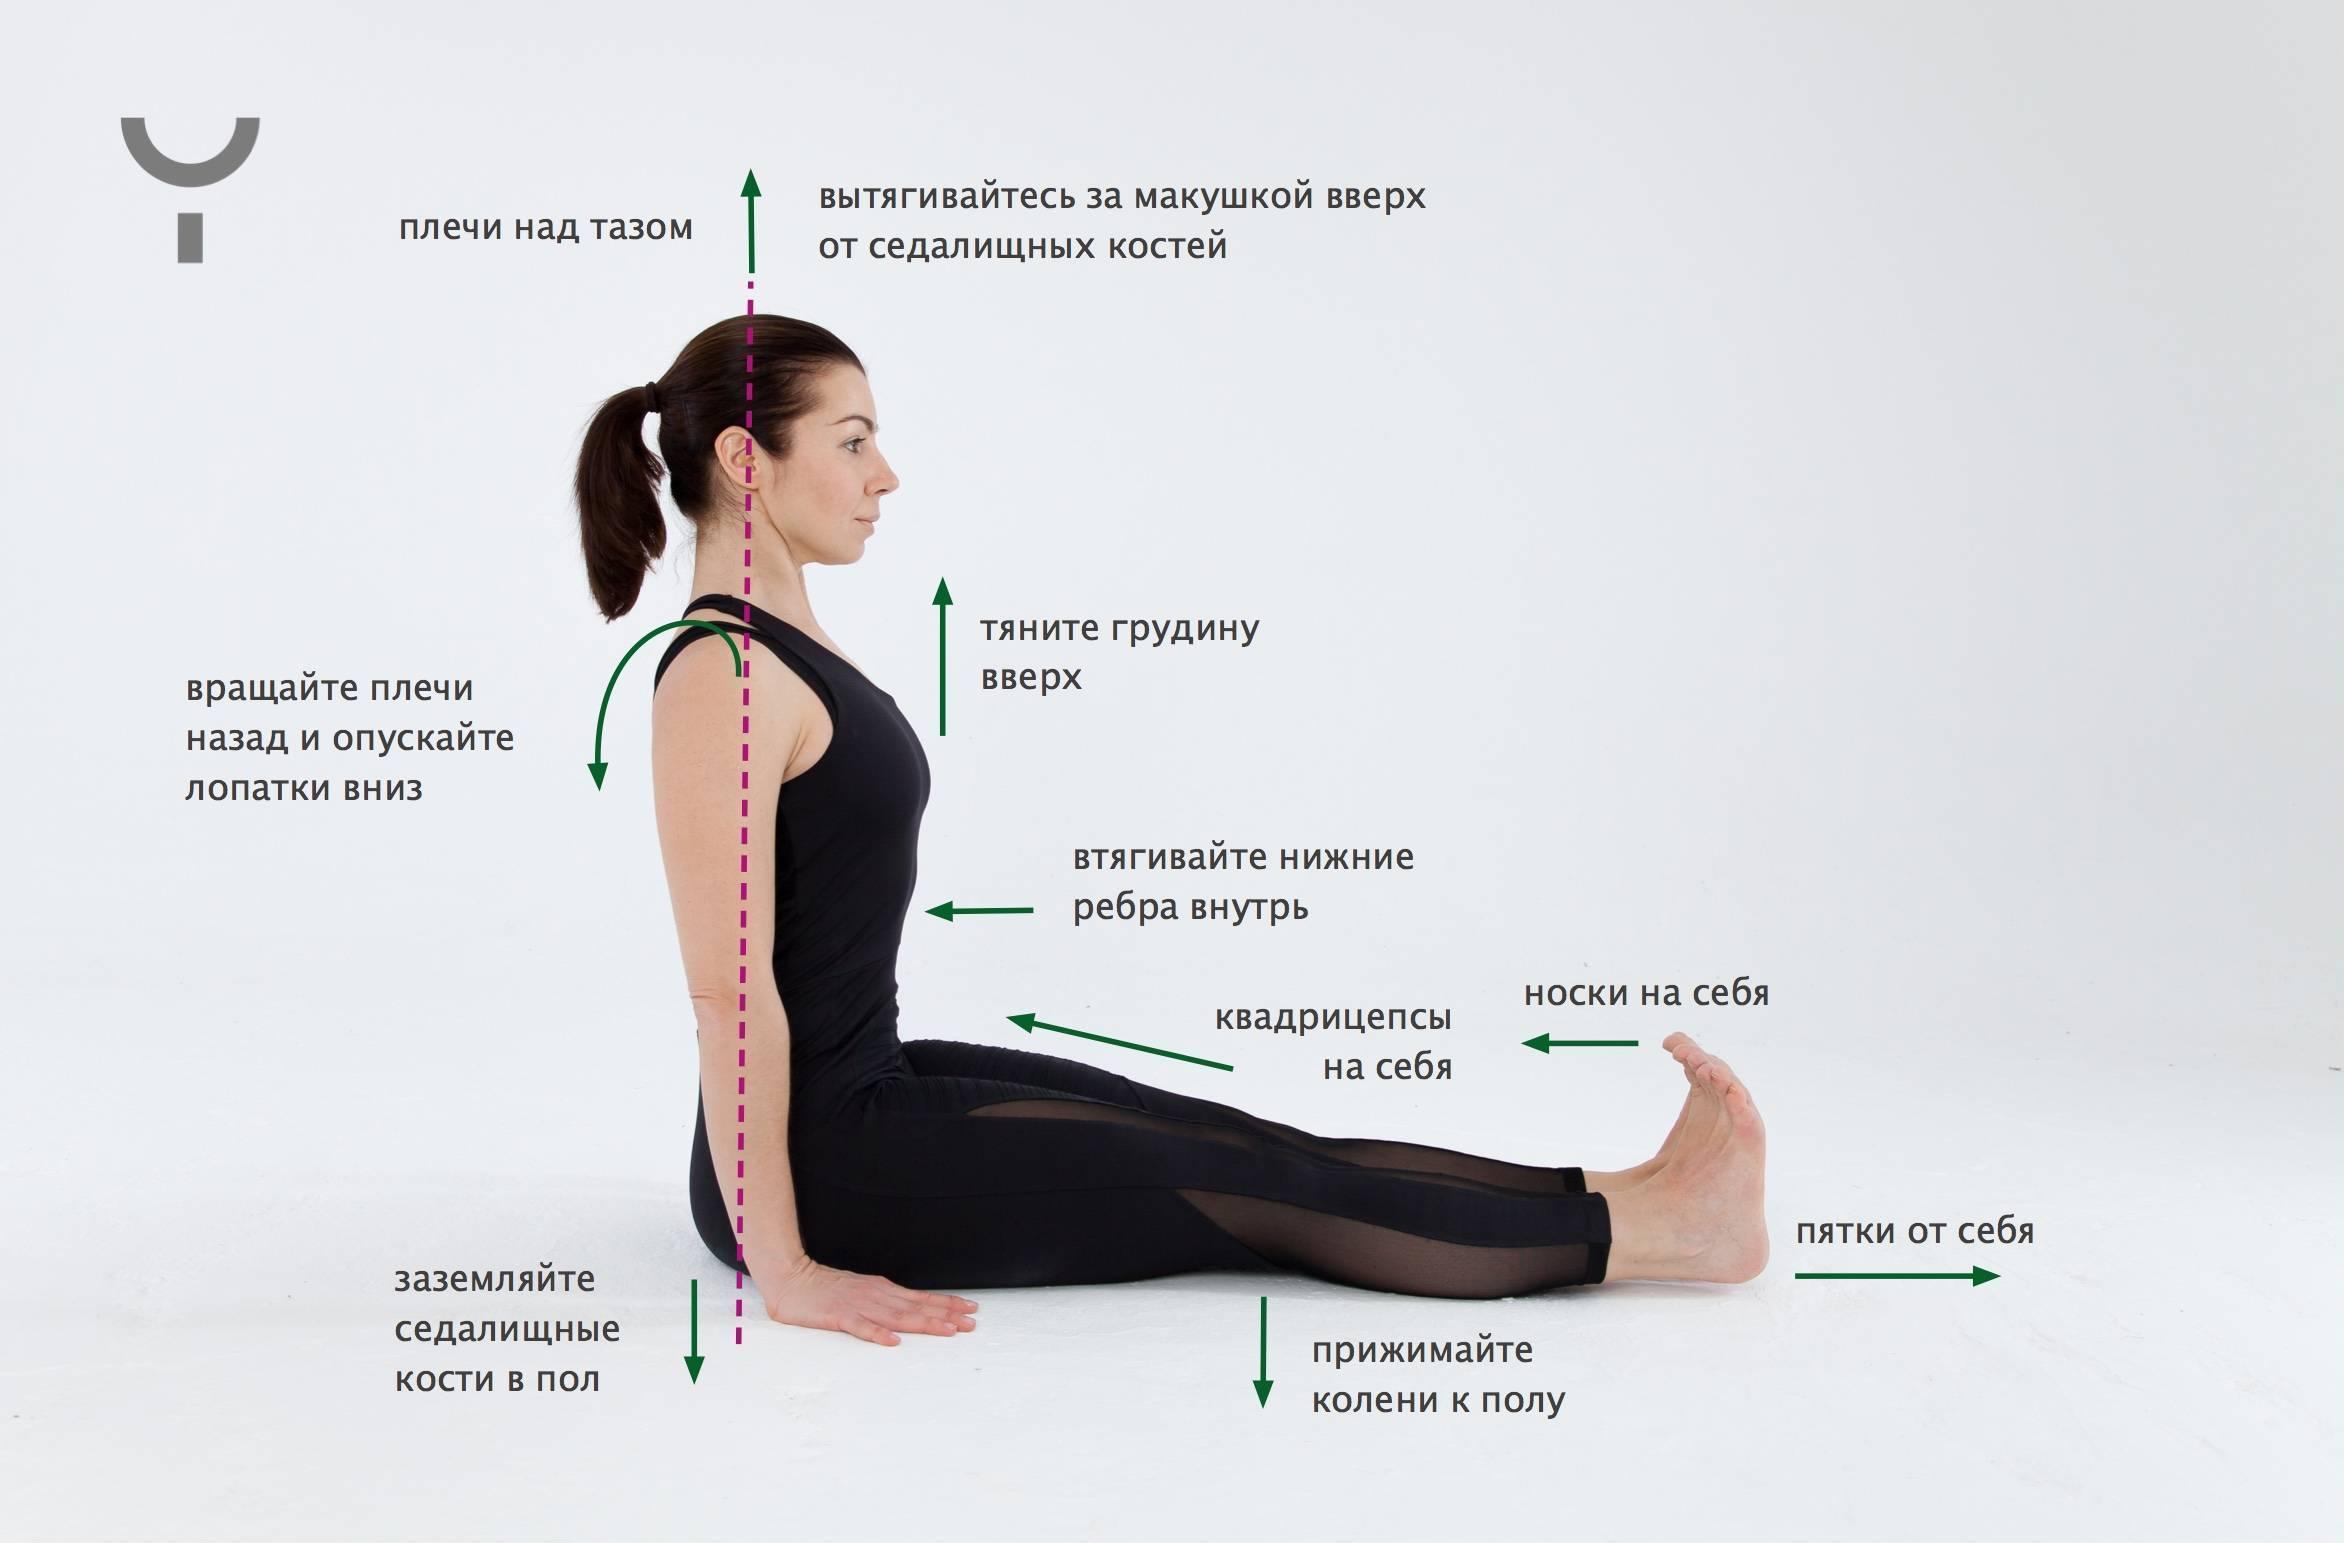 Ардха чандрасана (поза полумесяца): техника выполнения с фото, а также польза и противопоказания